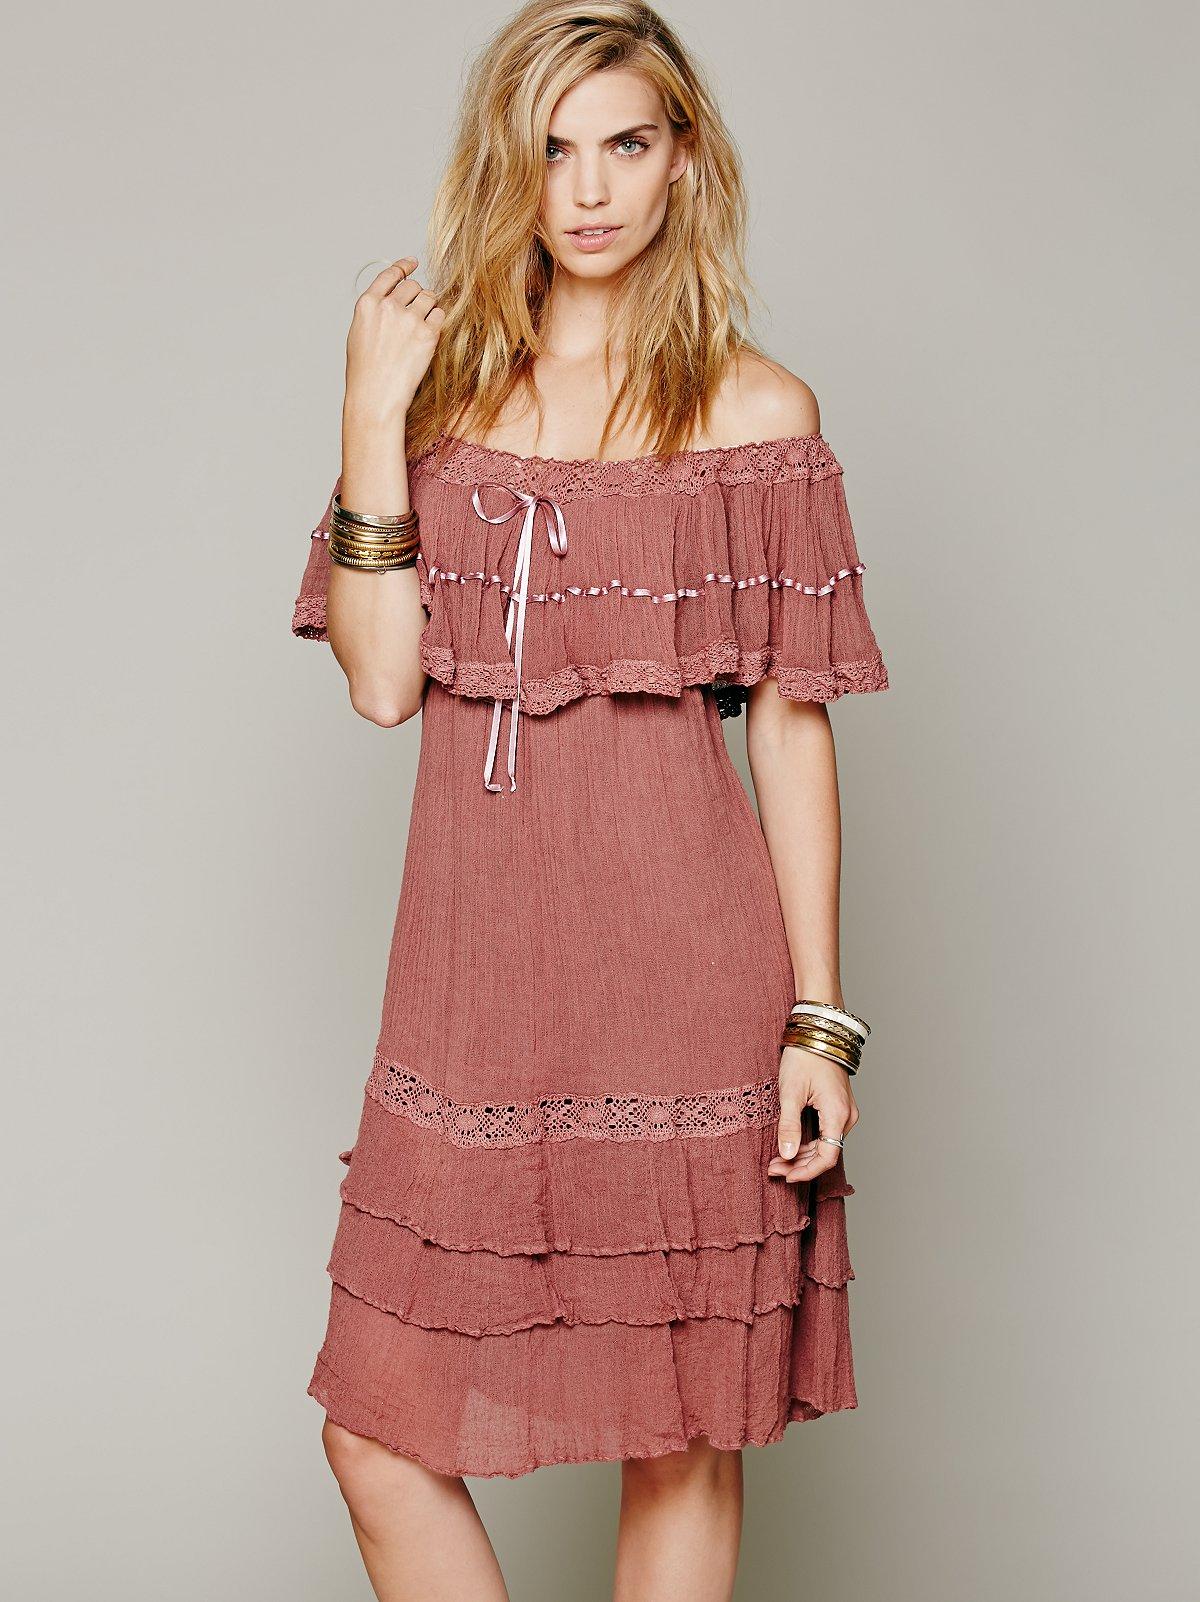 Athena Off-The-Shoulder Dress